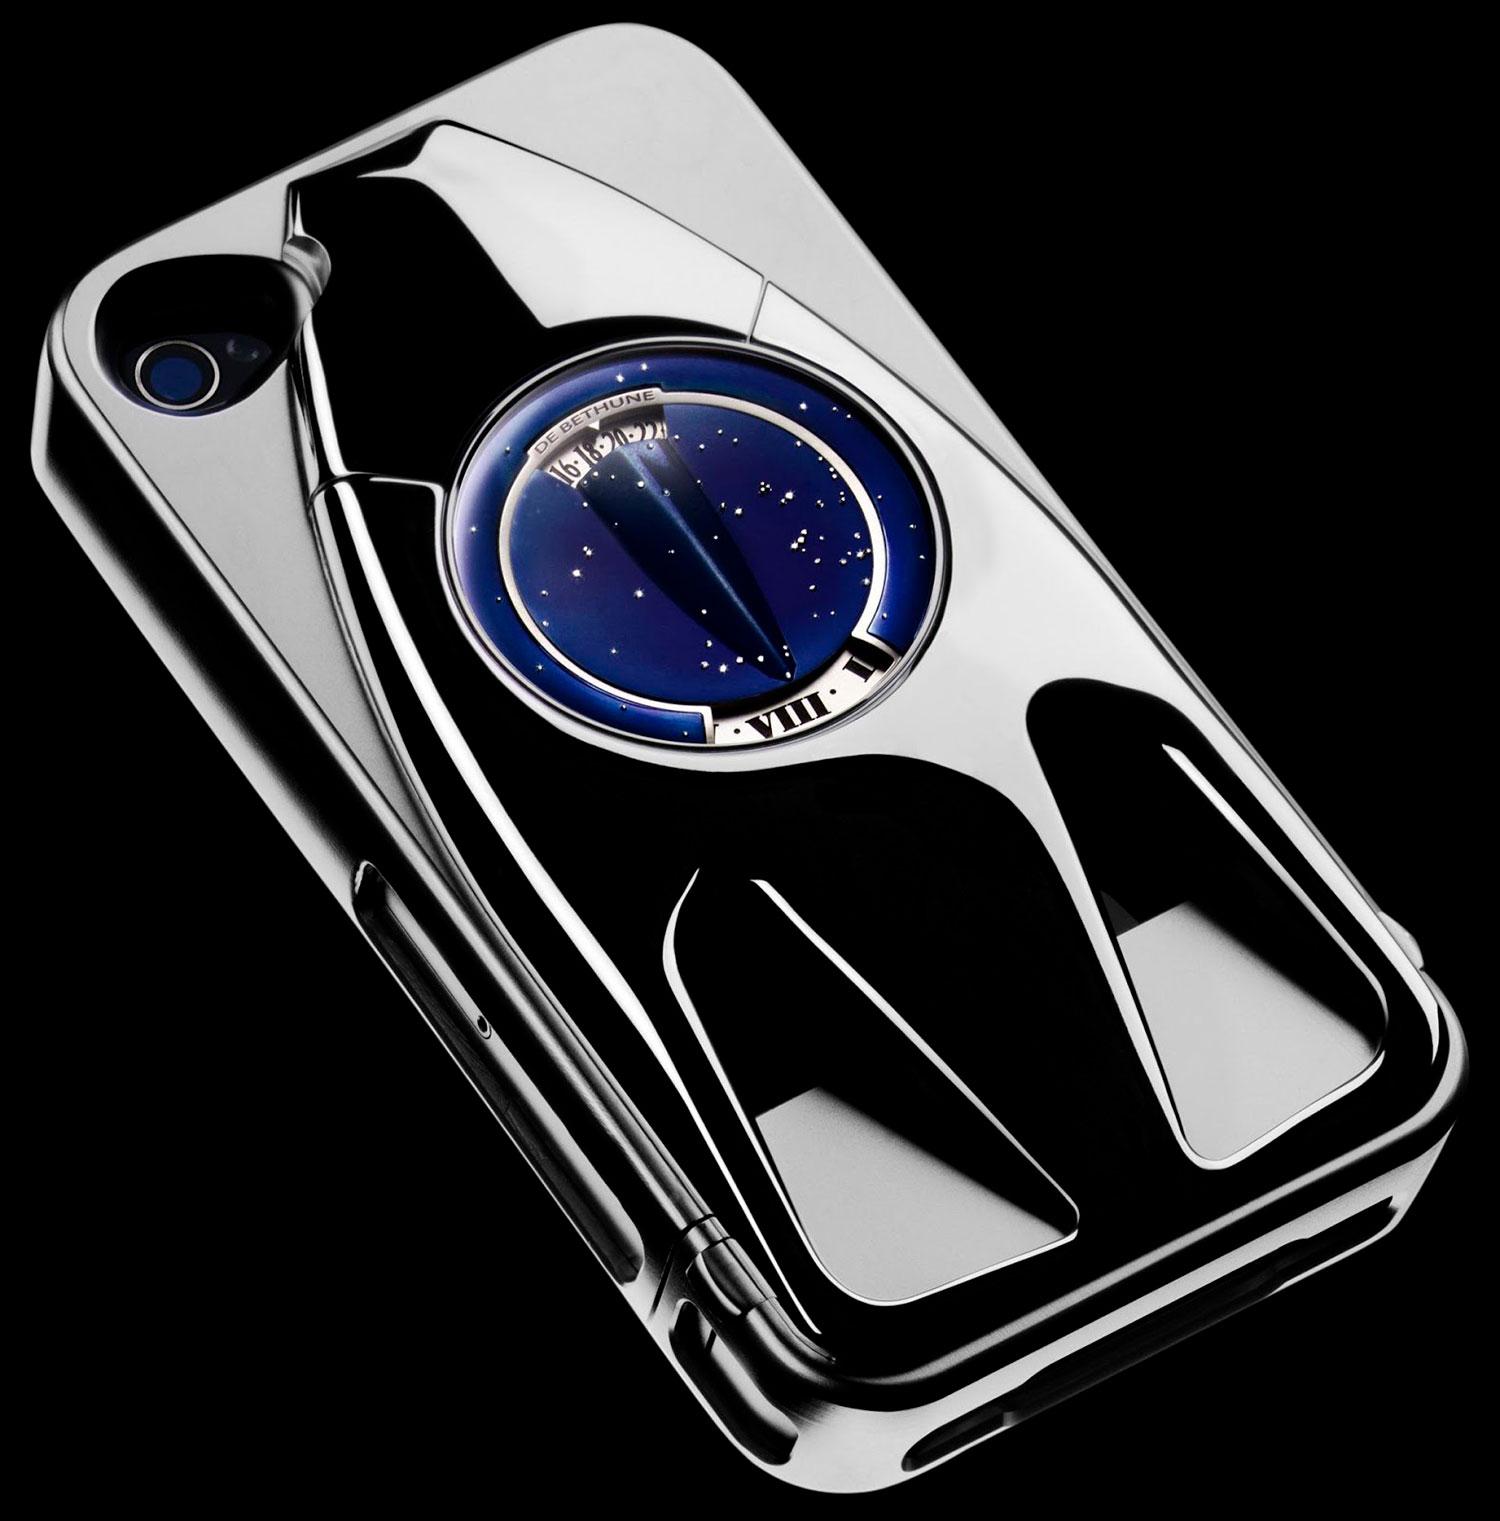 De Bethune Dream Watch IV Móviles con Relojes Mecánicos